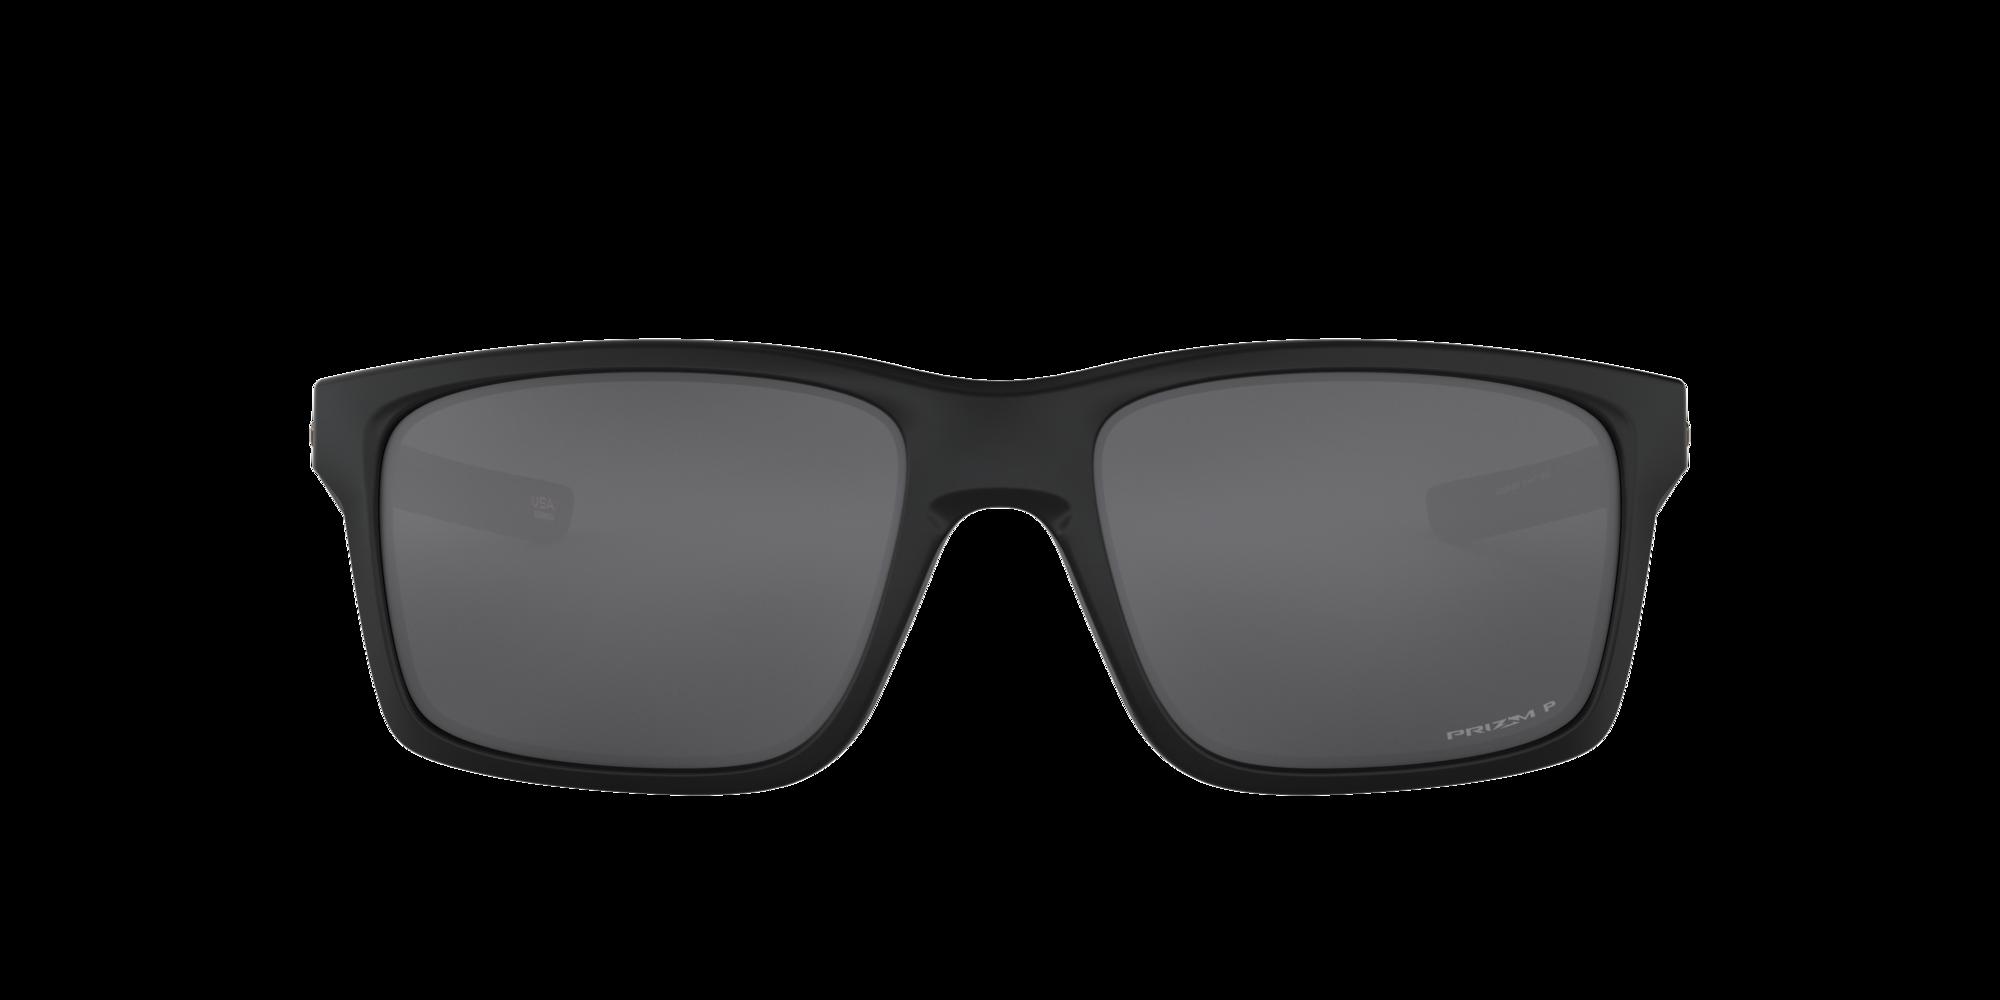 Imagen para OO9264 61 MAINLINK de LensCrafters    Espejuelos, espejuelos graduados en línea, gafas